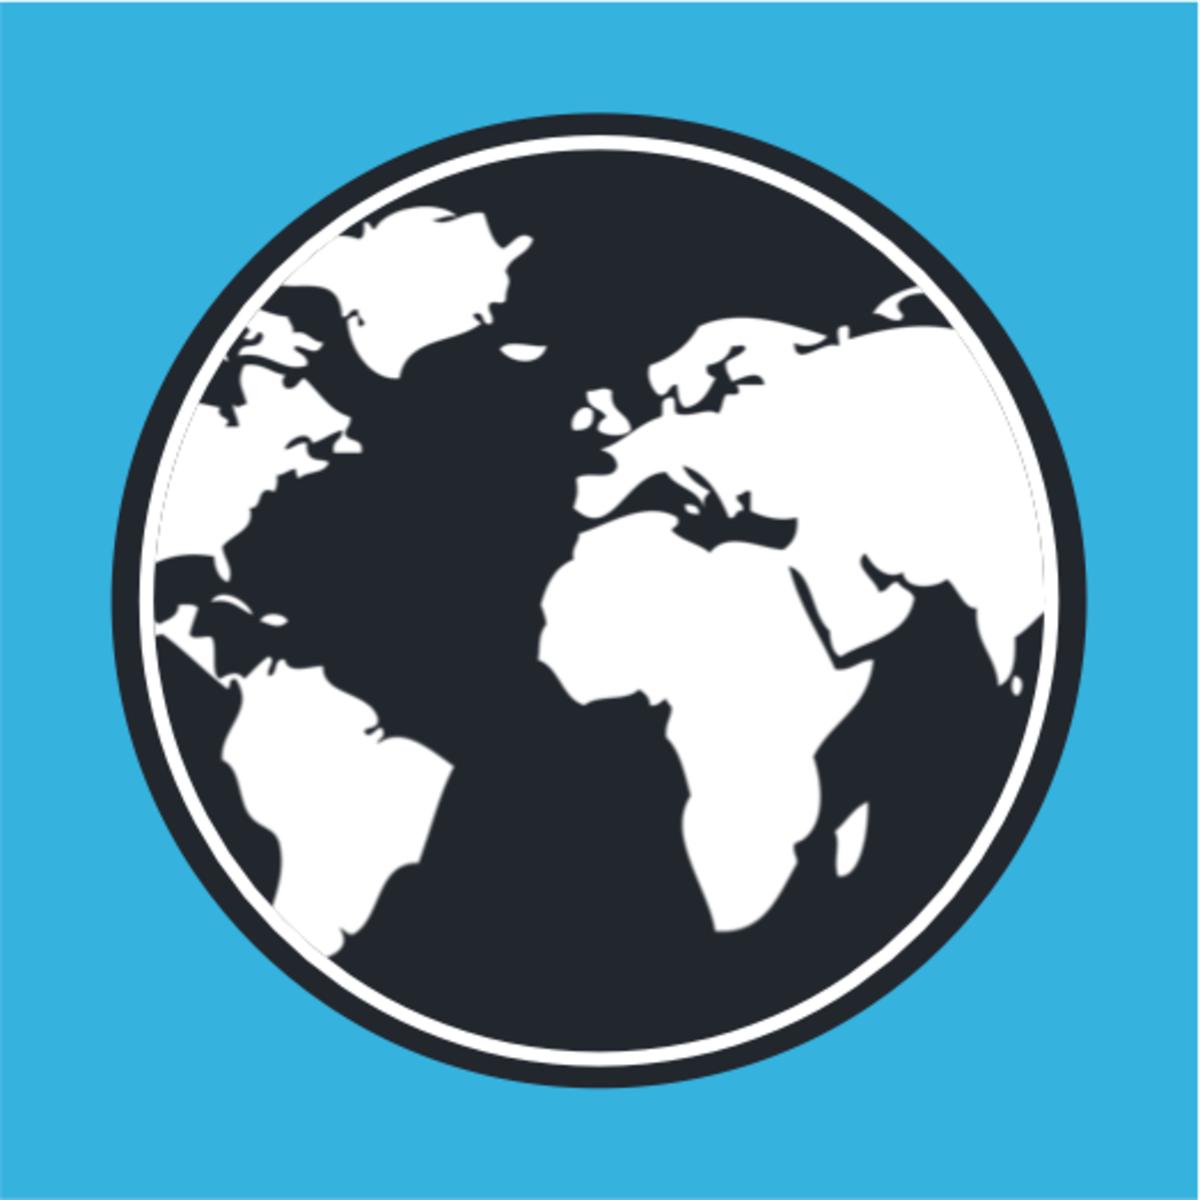 Geopolítica y gobernanza global: riesgos y oportunidades course image